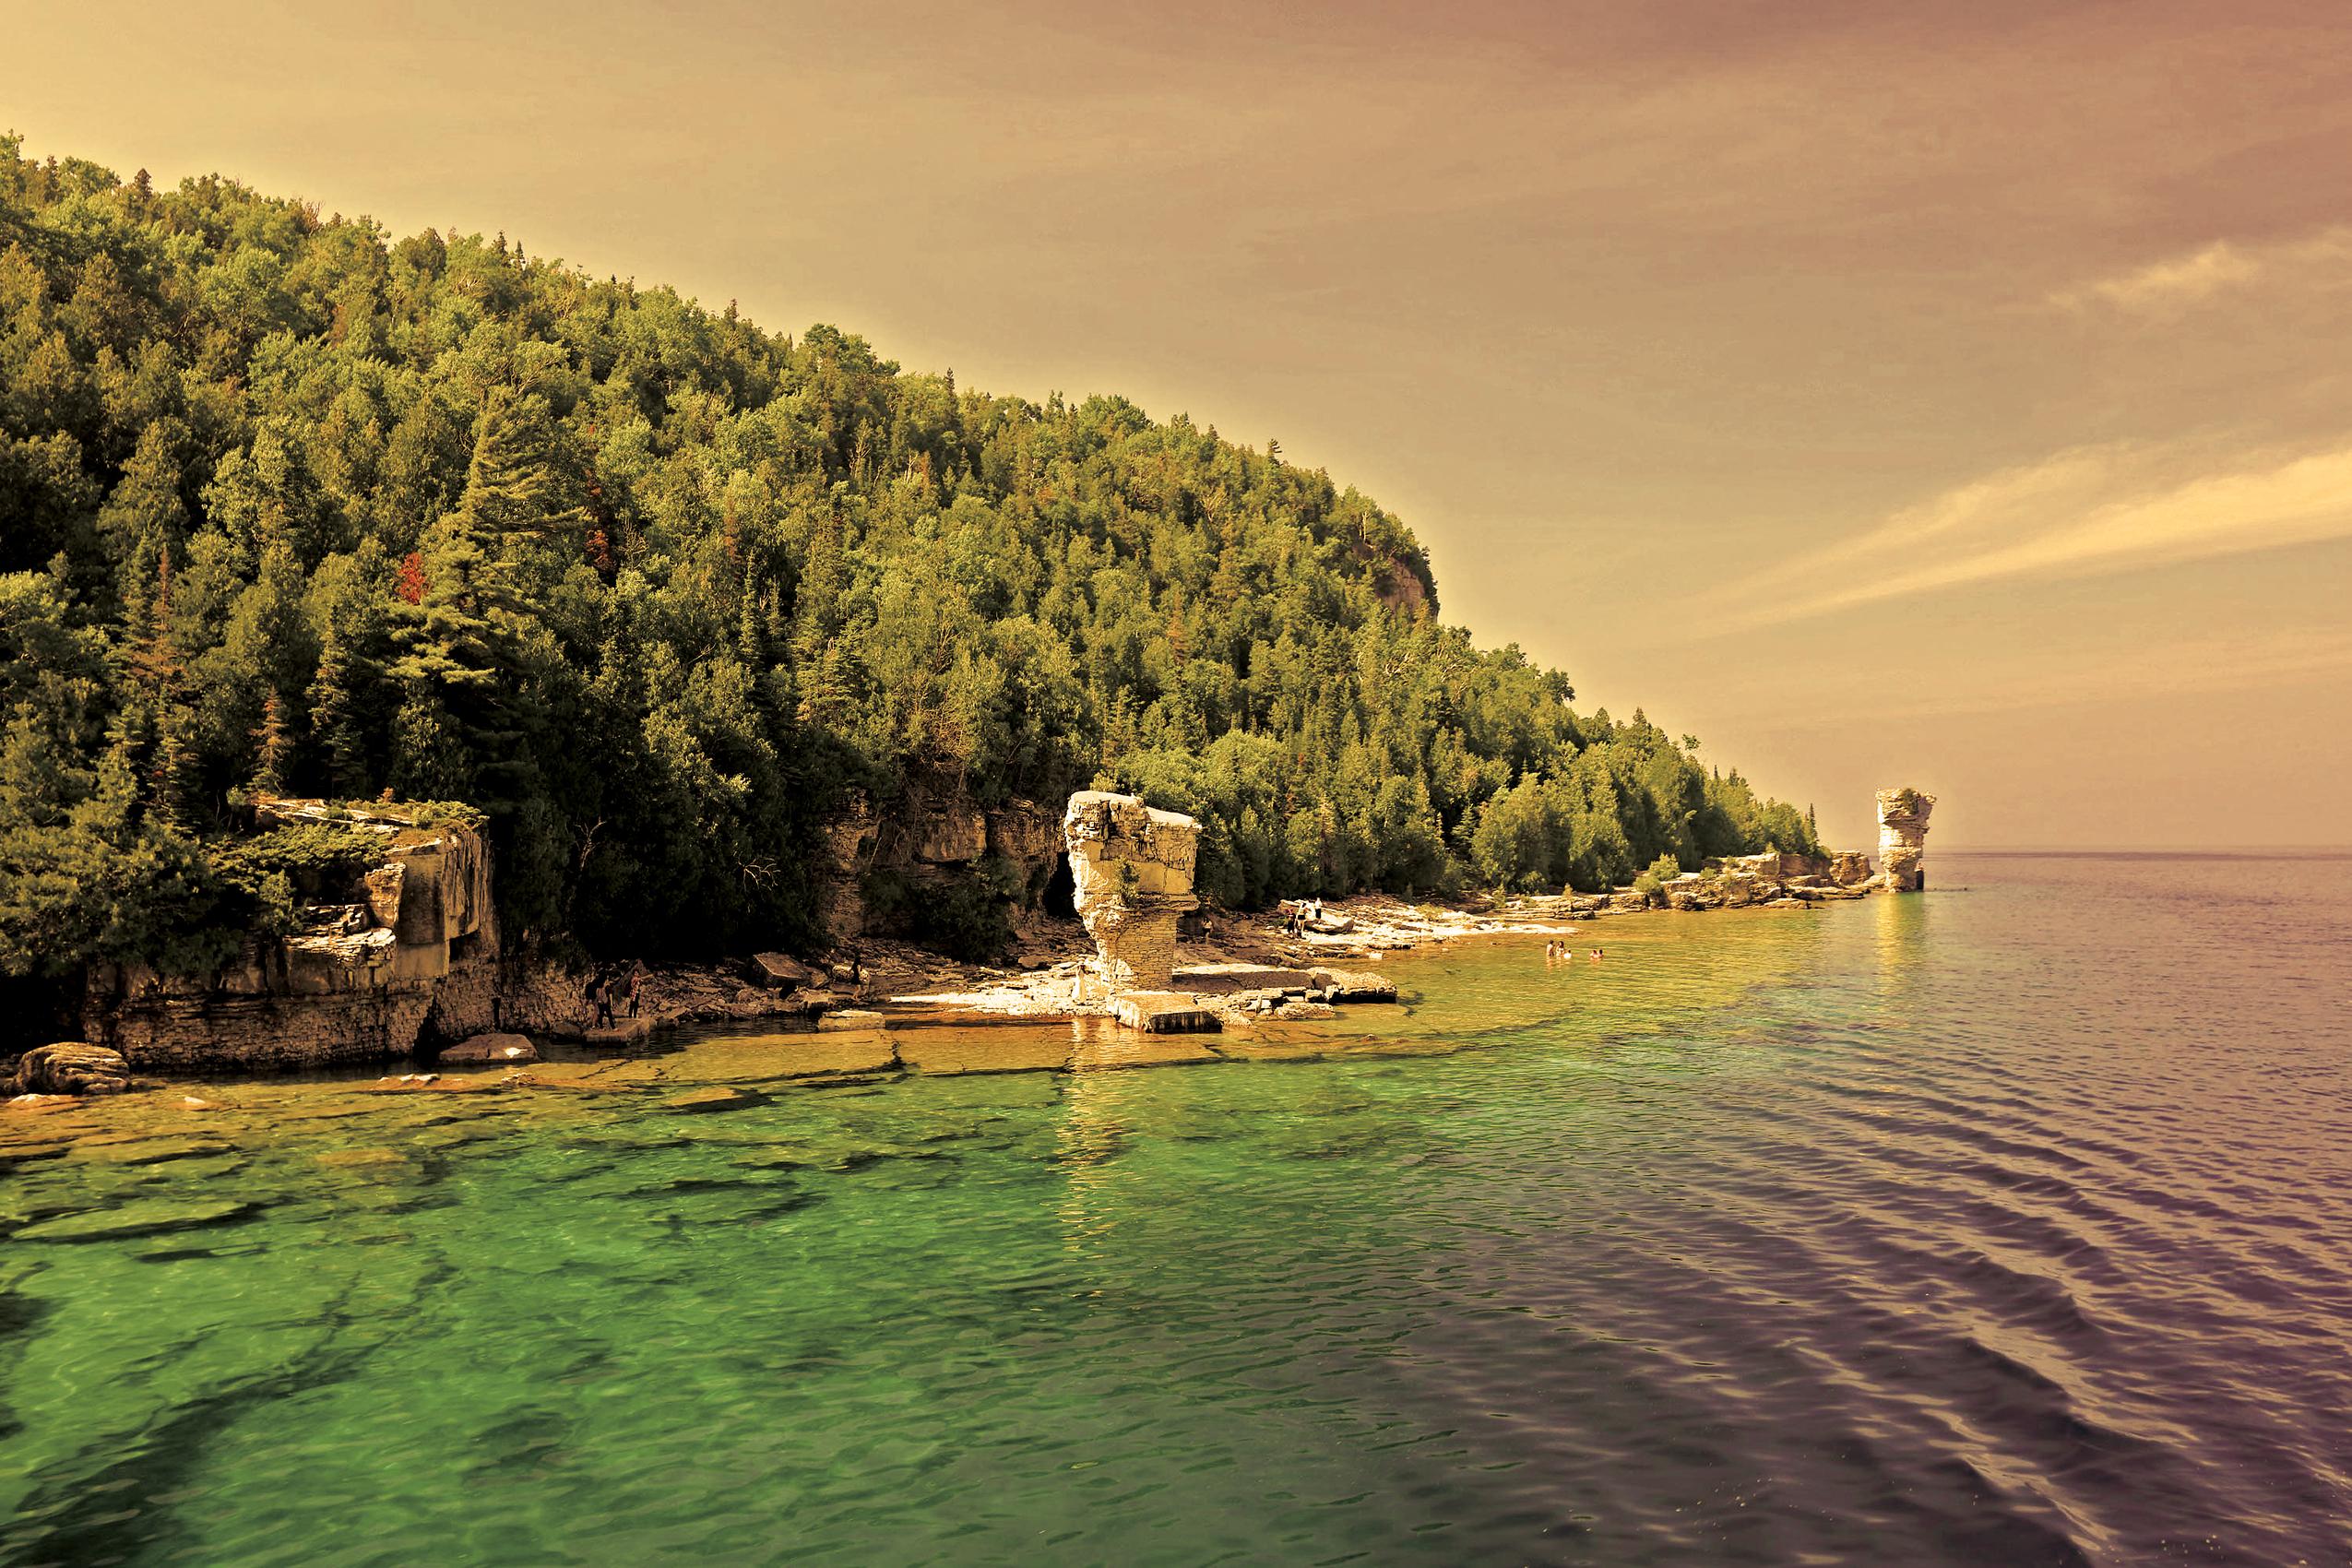 Severně od Tobermory leží Fathom Five National Marine Park. Je oblíbený všemi milovníky vody - od kajakářů přes potápěče až po rybáře. Tvoří jej několik ostrovů, z nichž největší je Cove Island.